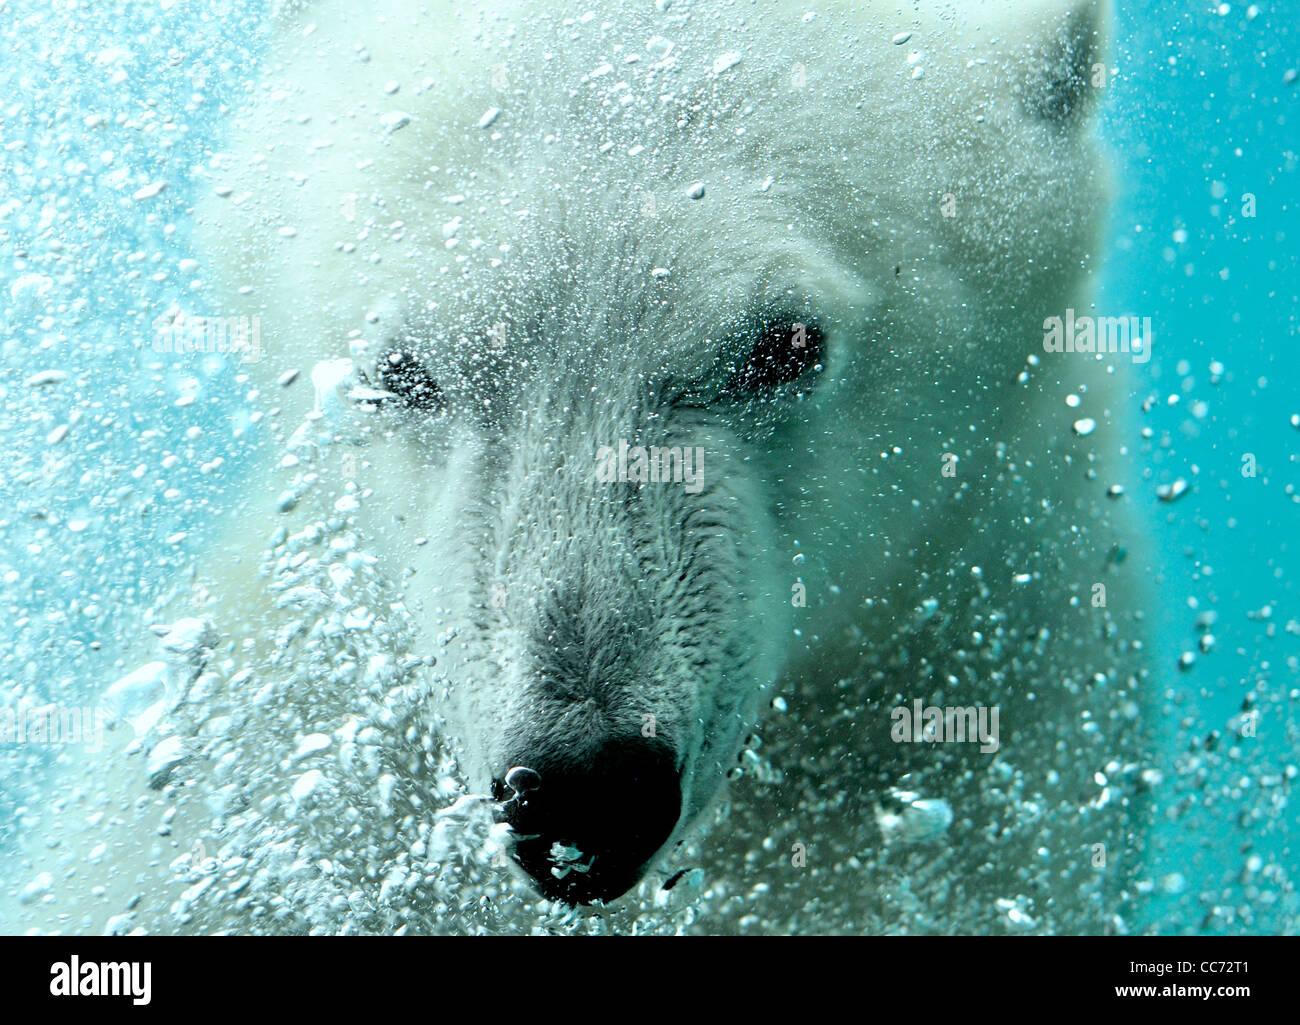 Close-up de oso polar (Ursus maritimus) nadando bajo el agua y soplando burbujas de aire Imagen De Stock